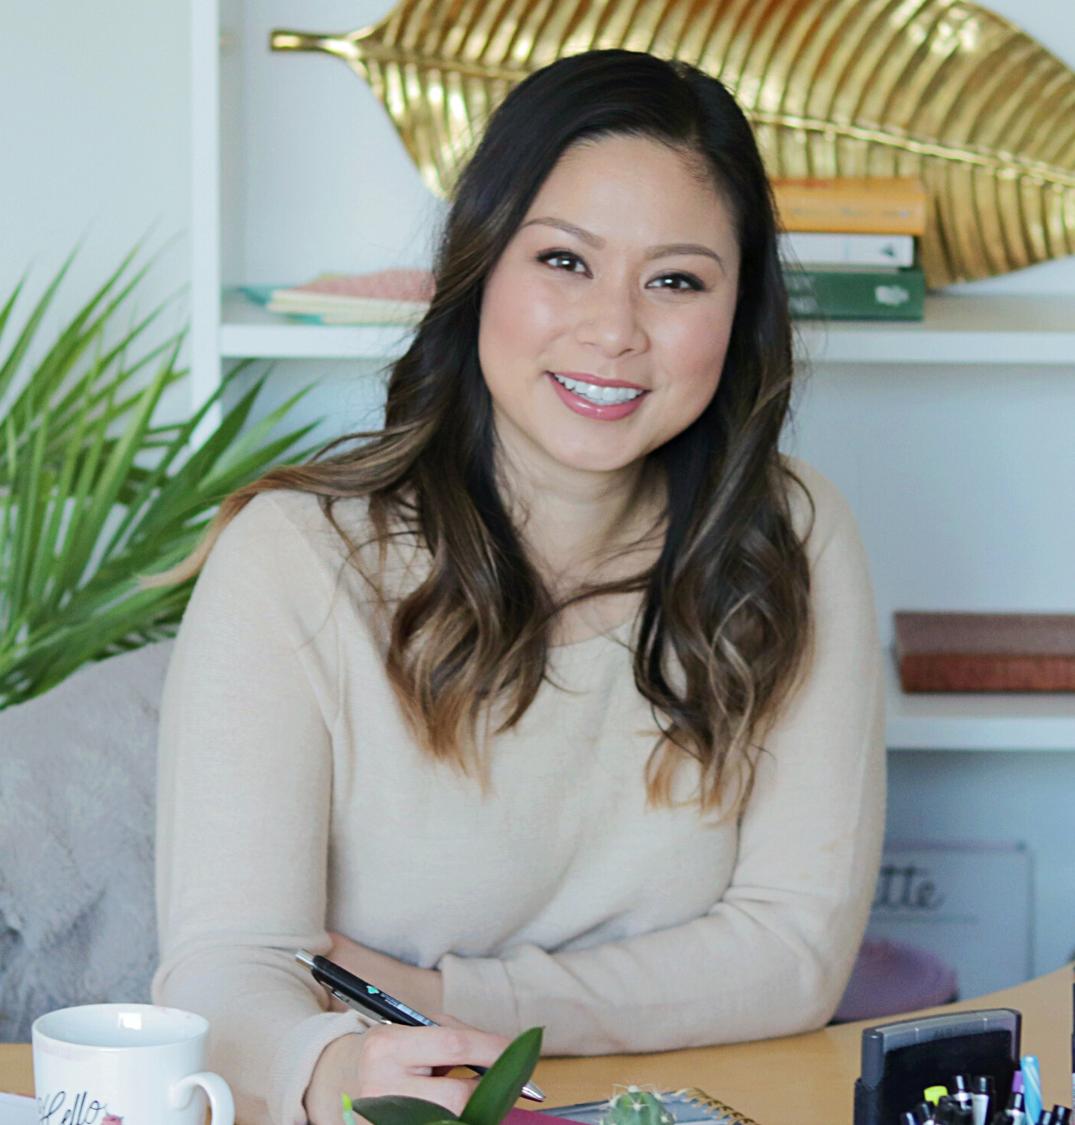 Veronica Thai smiling